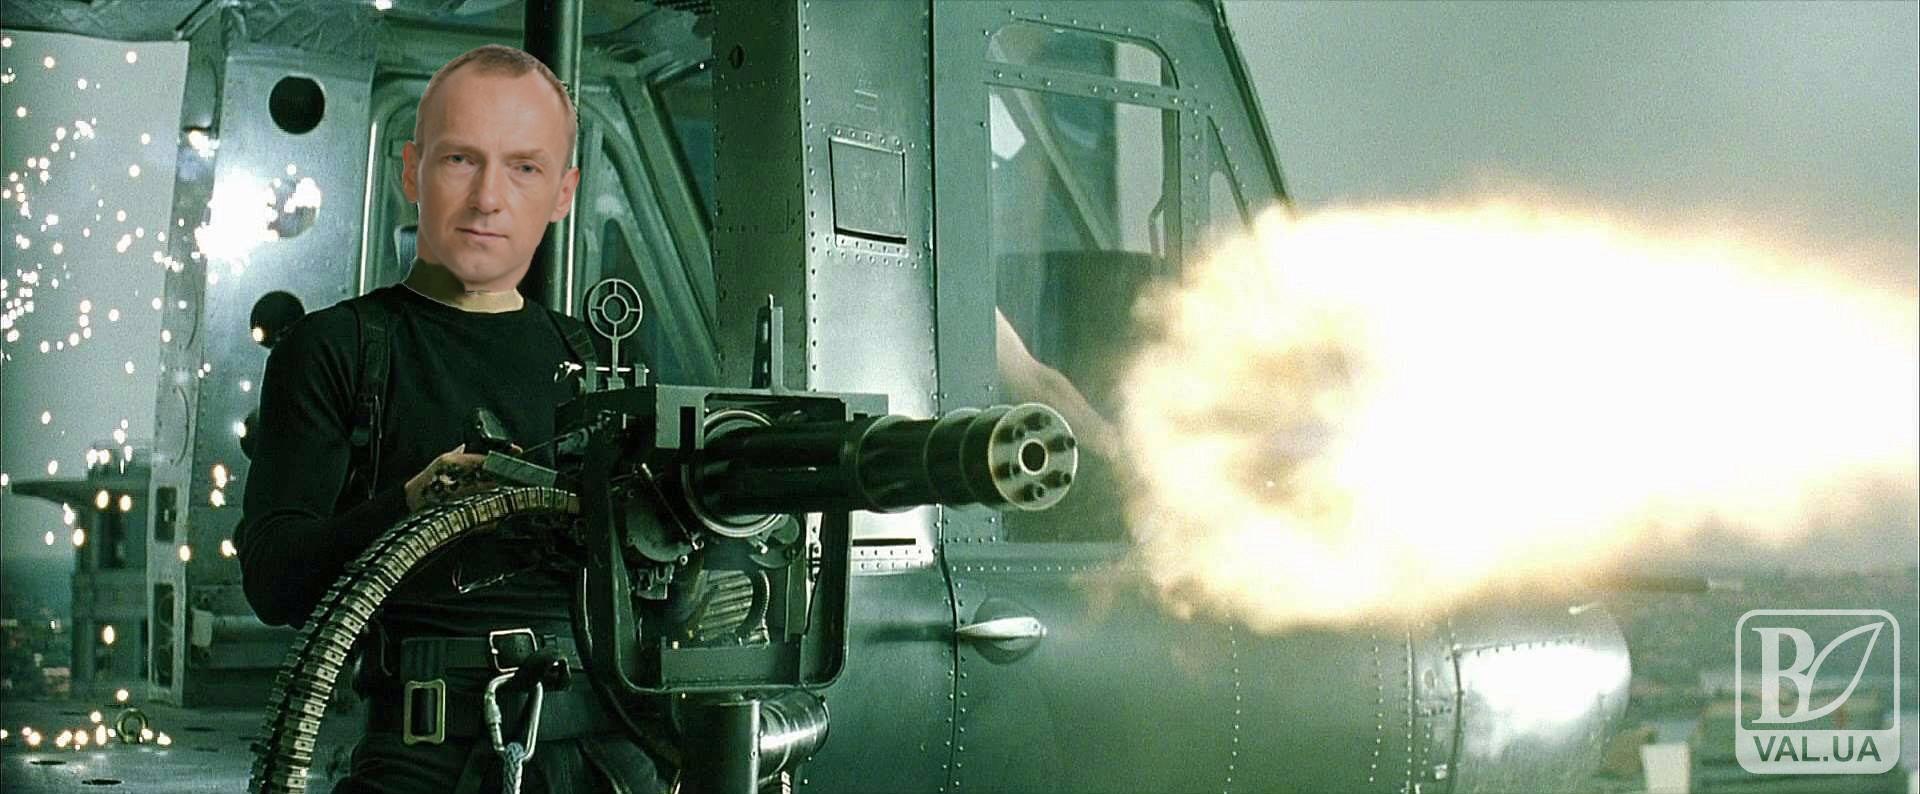 Гумор або дикість: чернігівці про ініціативу Атрошенка з відстрілу чиновників. ВІДЕО